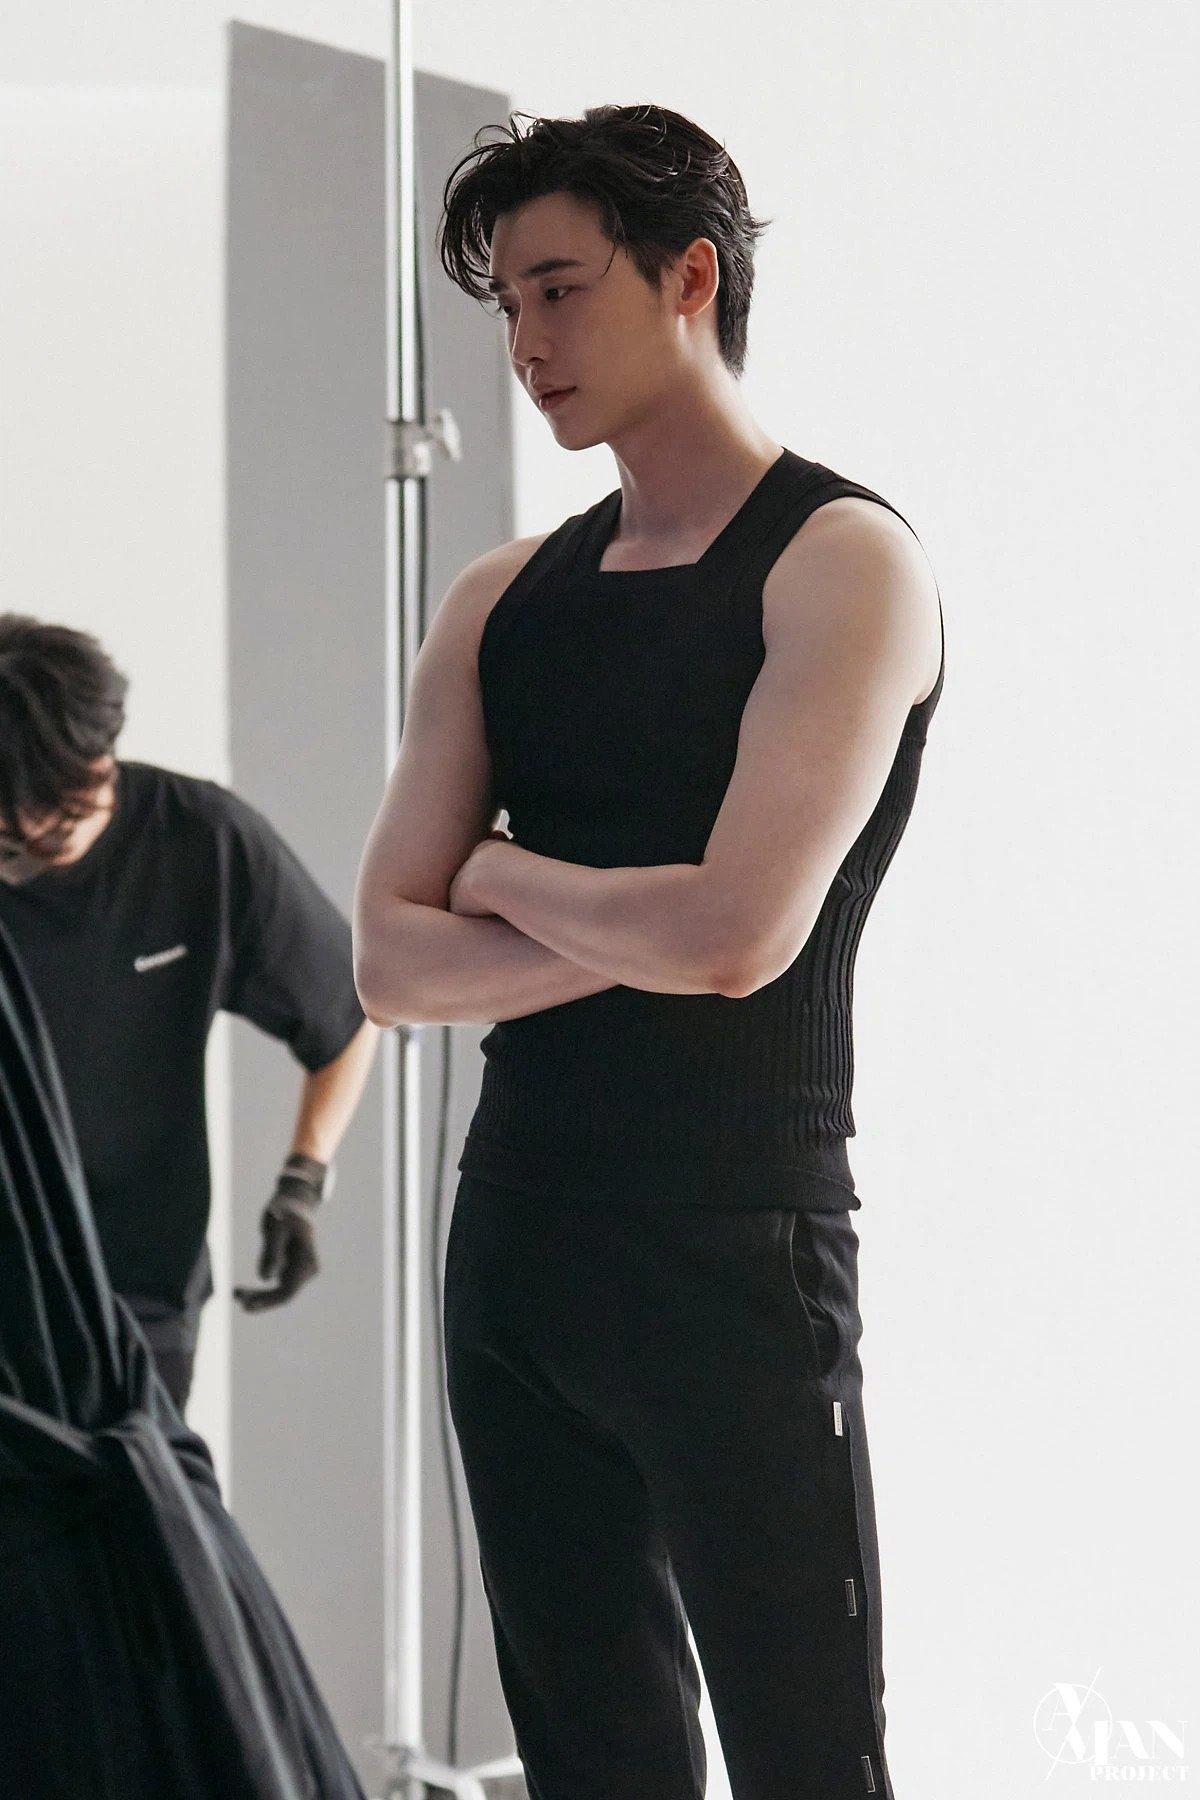 Lee Jong Suk lộ loạt ảnh thân hình như tượng tạc, thần thái 'bao ngầu' với ánh mắt có khả năng 'chế ngự' triệu trái tim 3